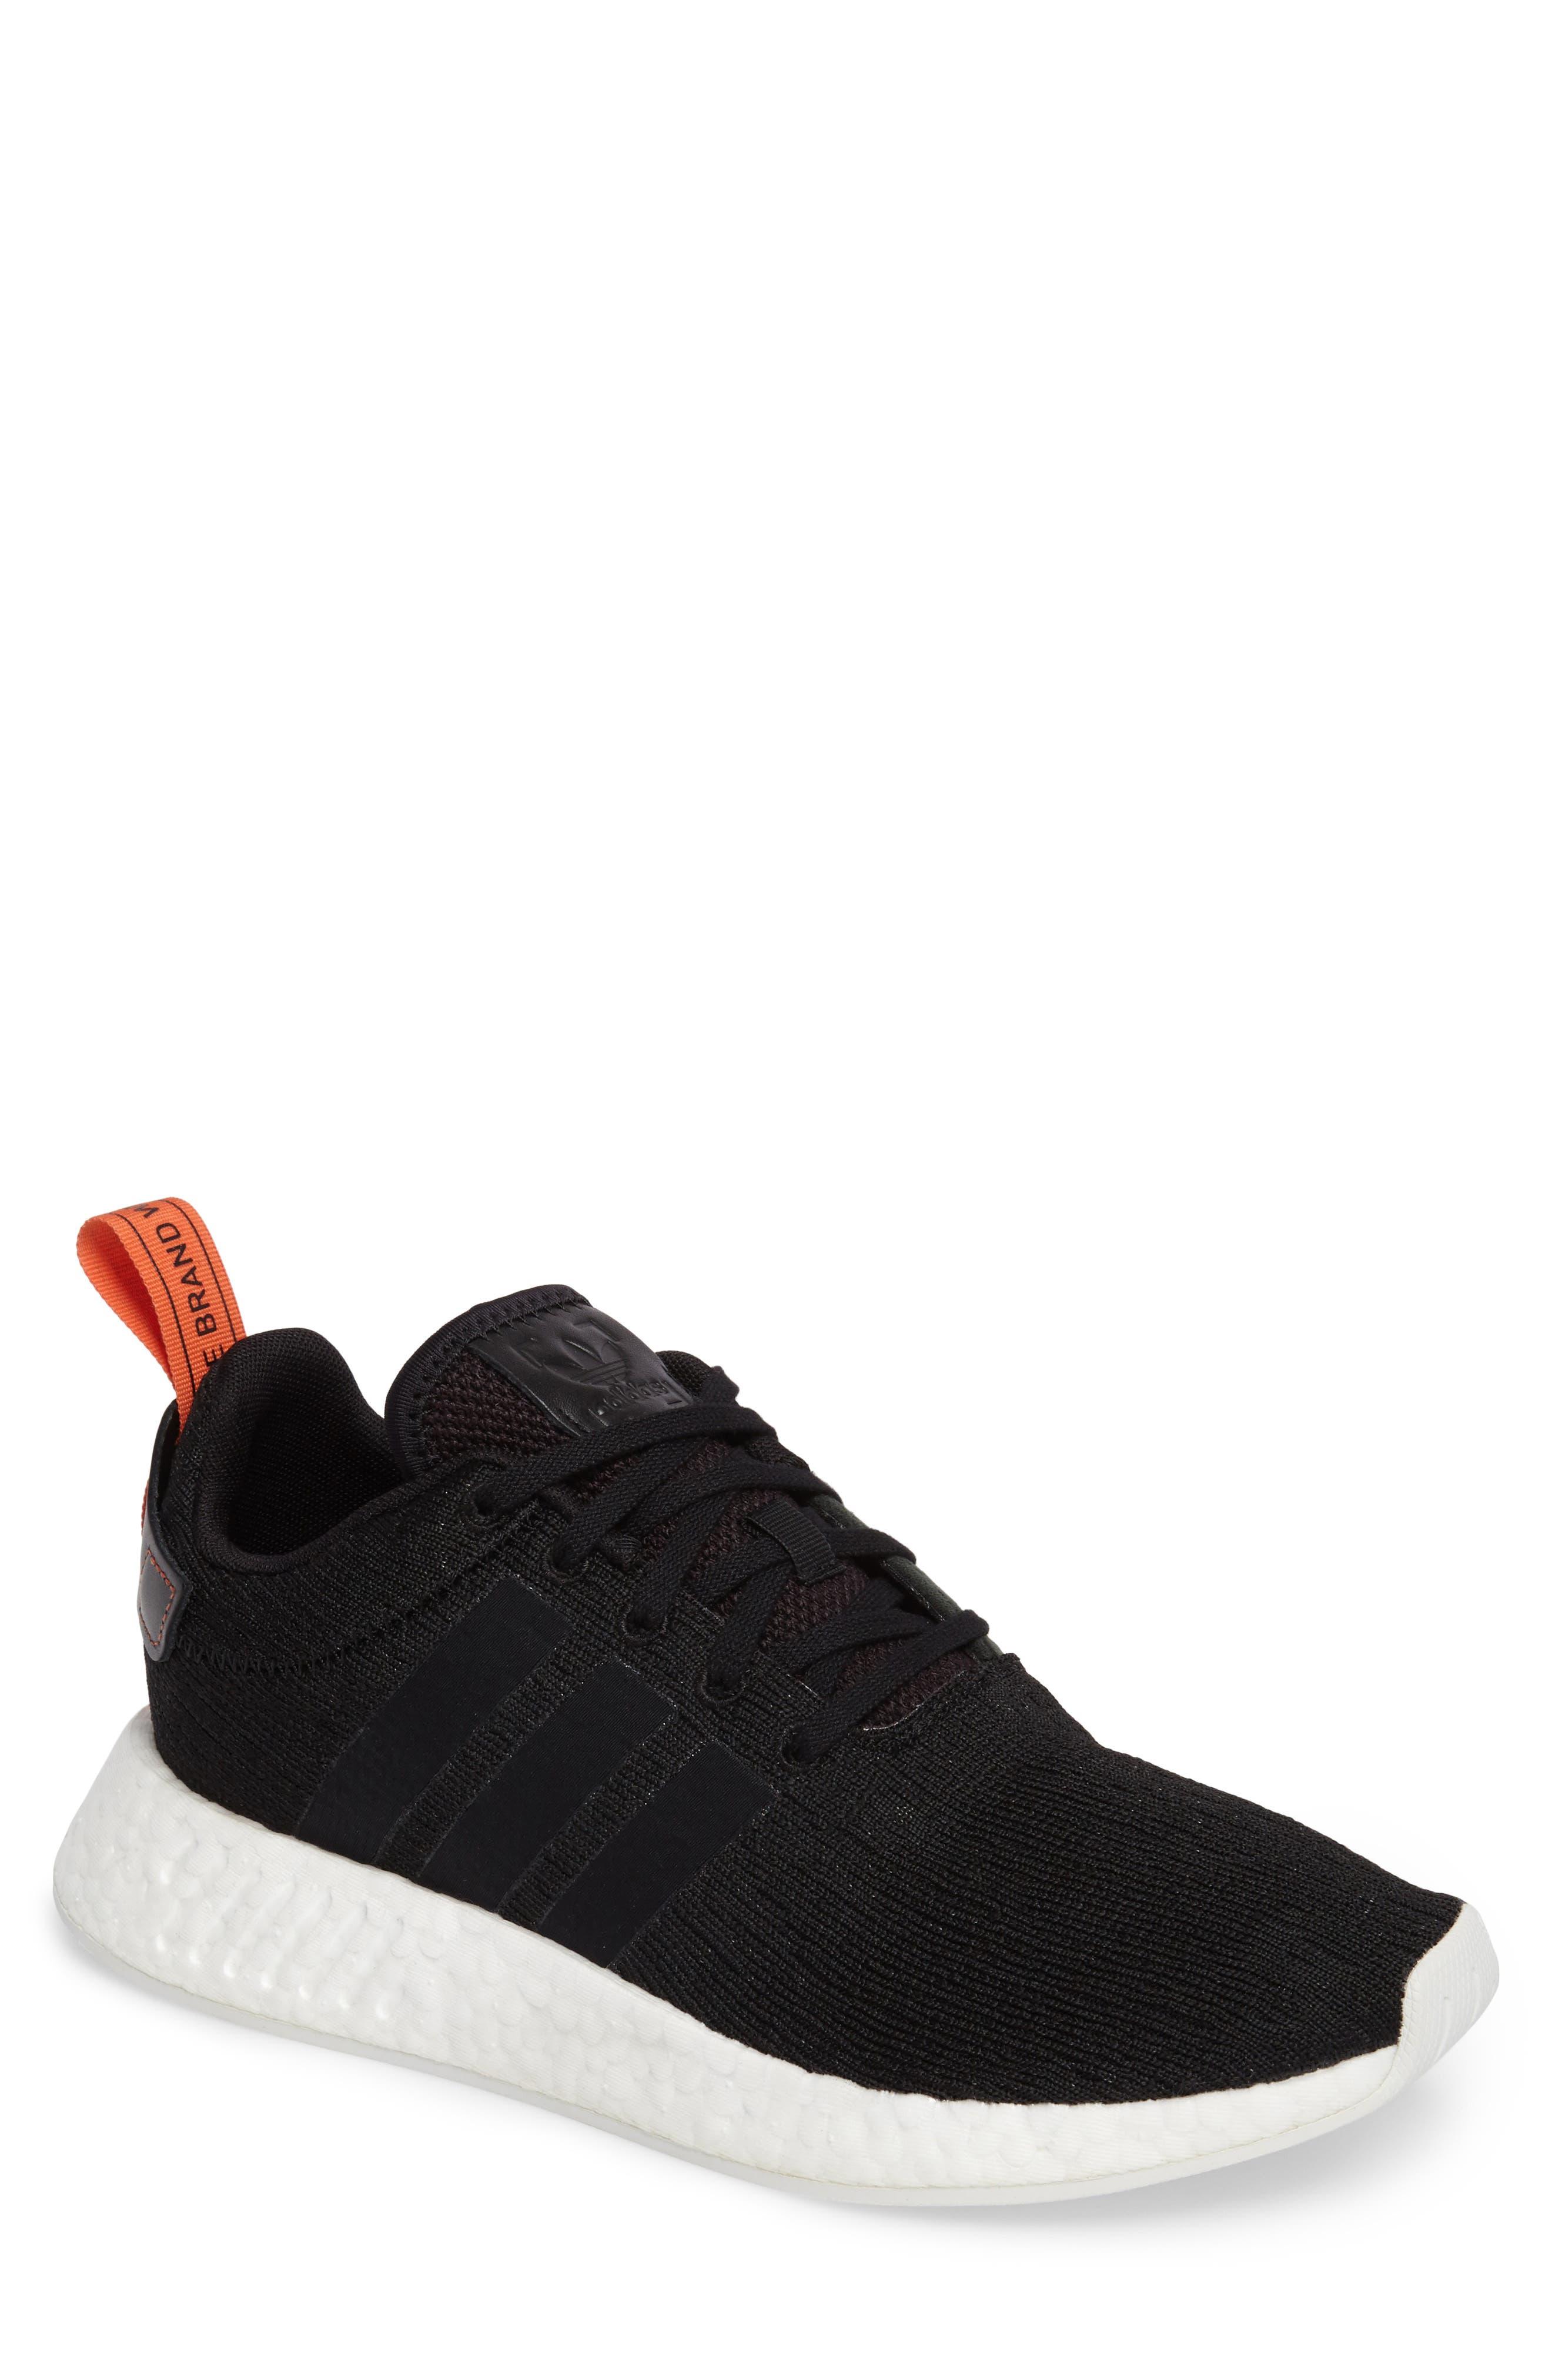 adidas black mens shoes